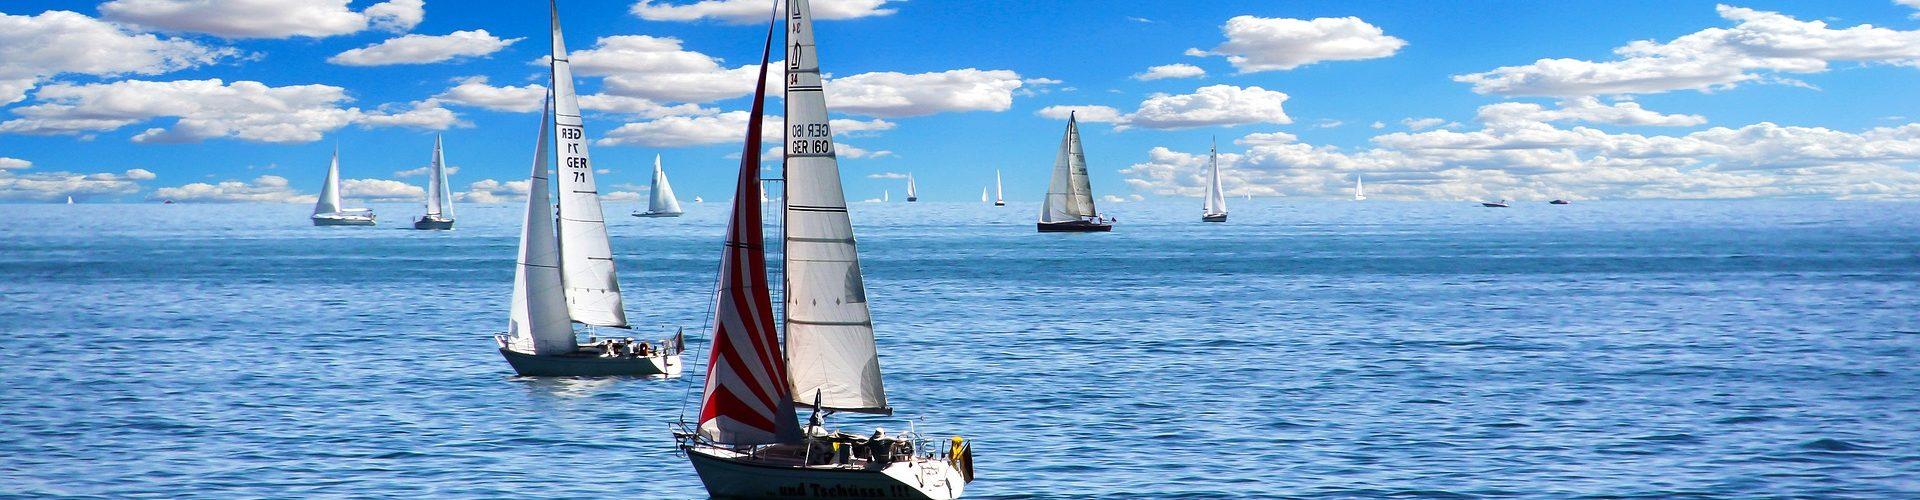 segeln lernen in Laupheim segelschein machen in Laupheim 1920x500 - Segeln lernen in Laupheim